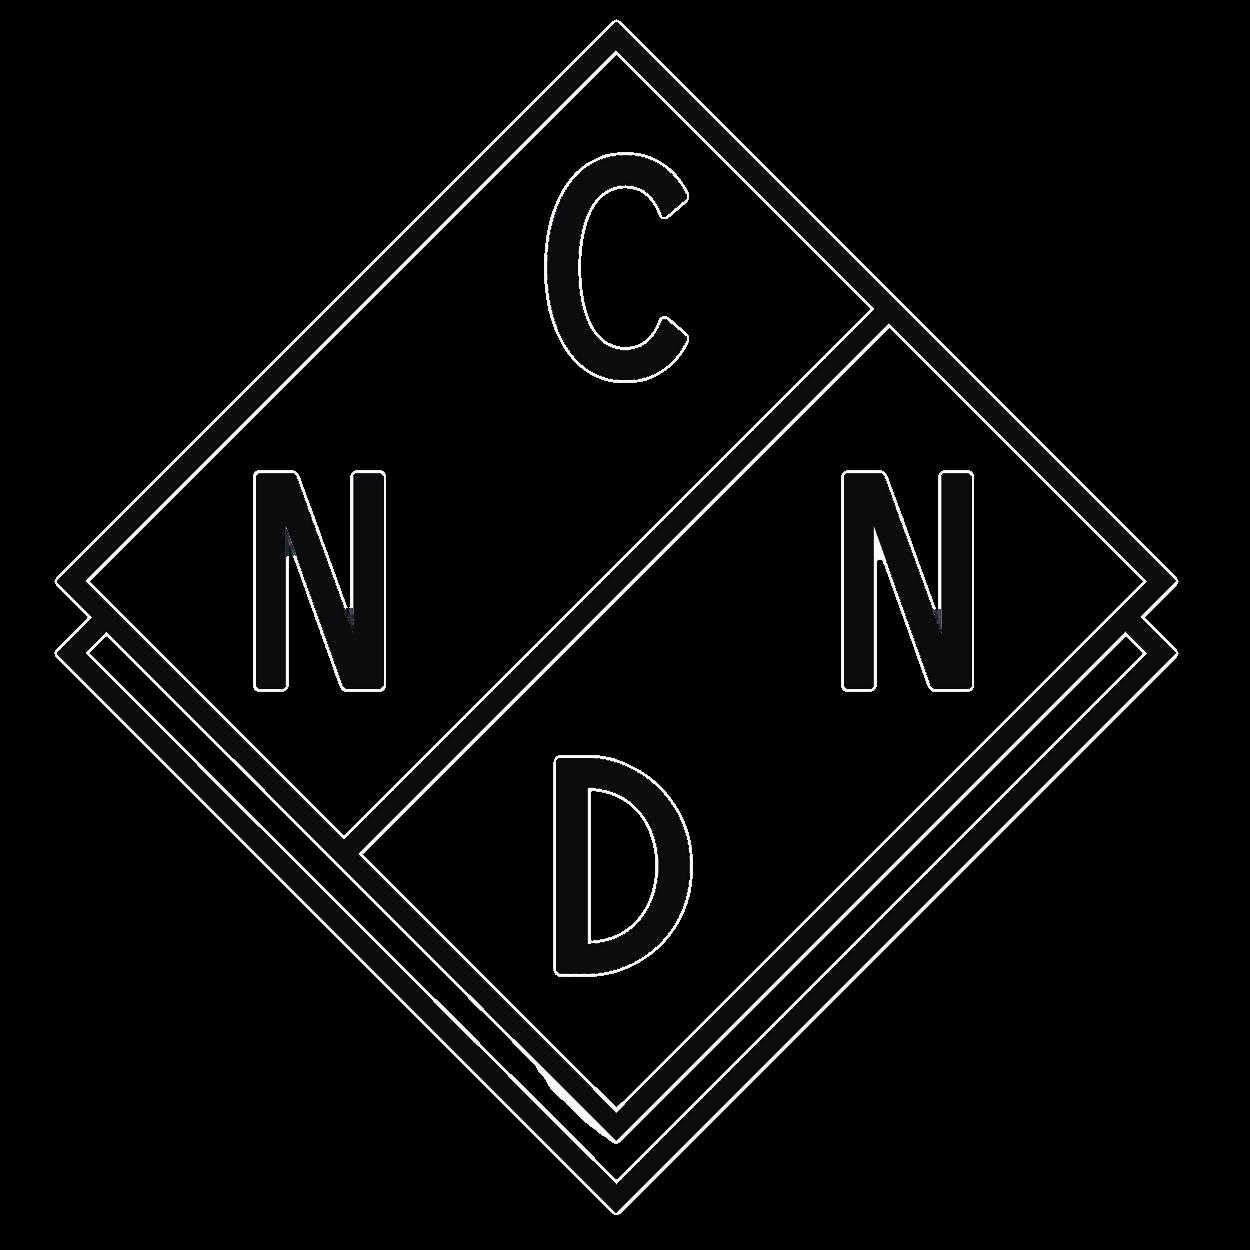 ncnd.cz